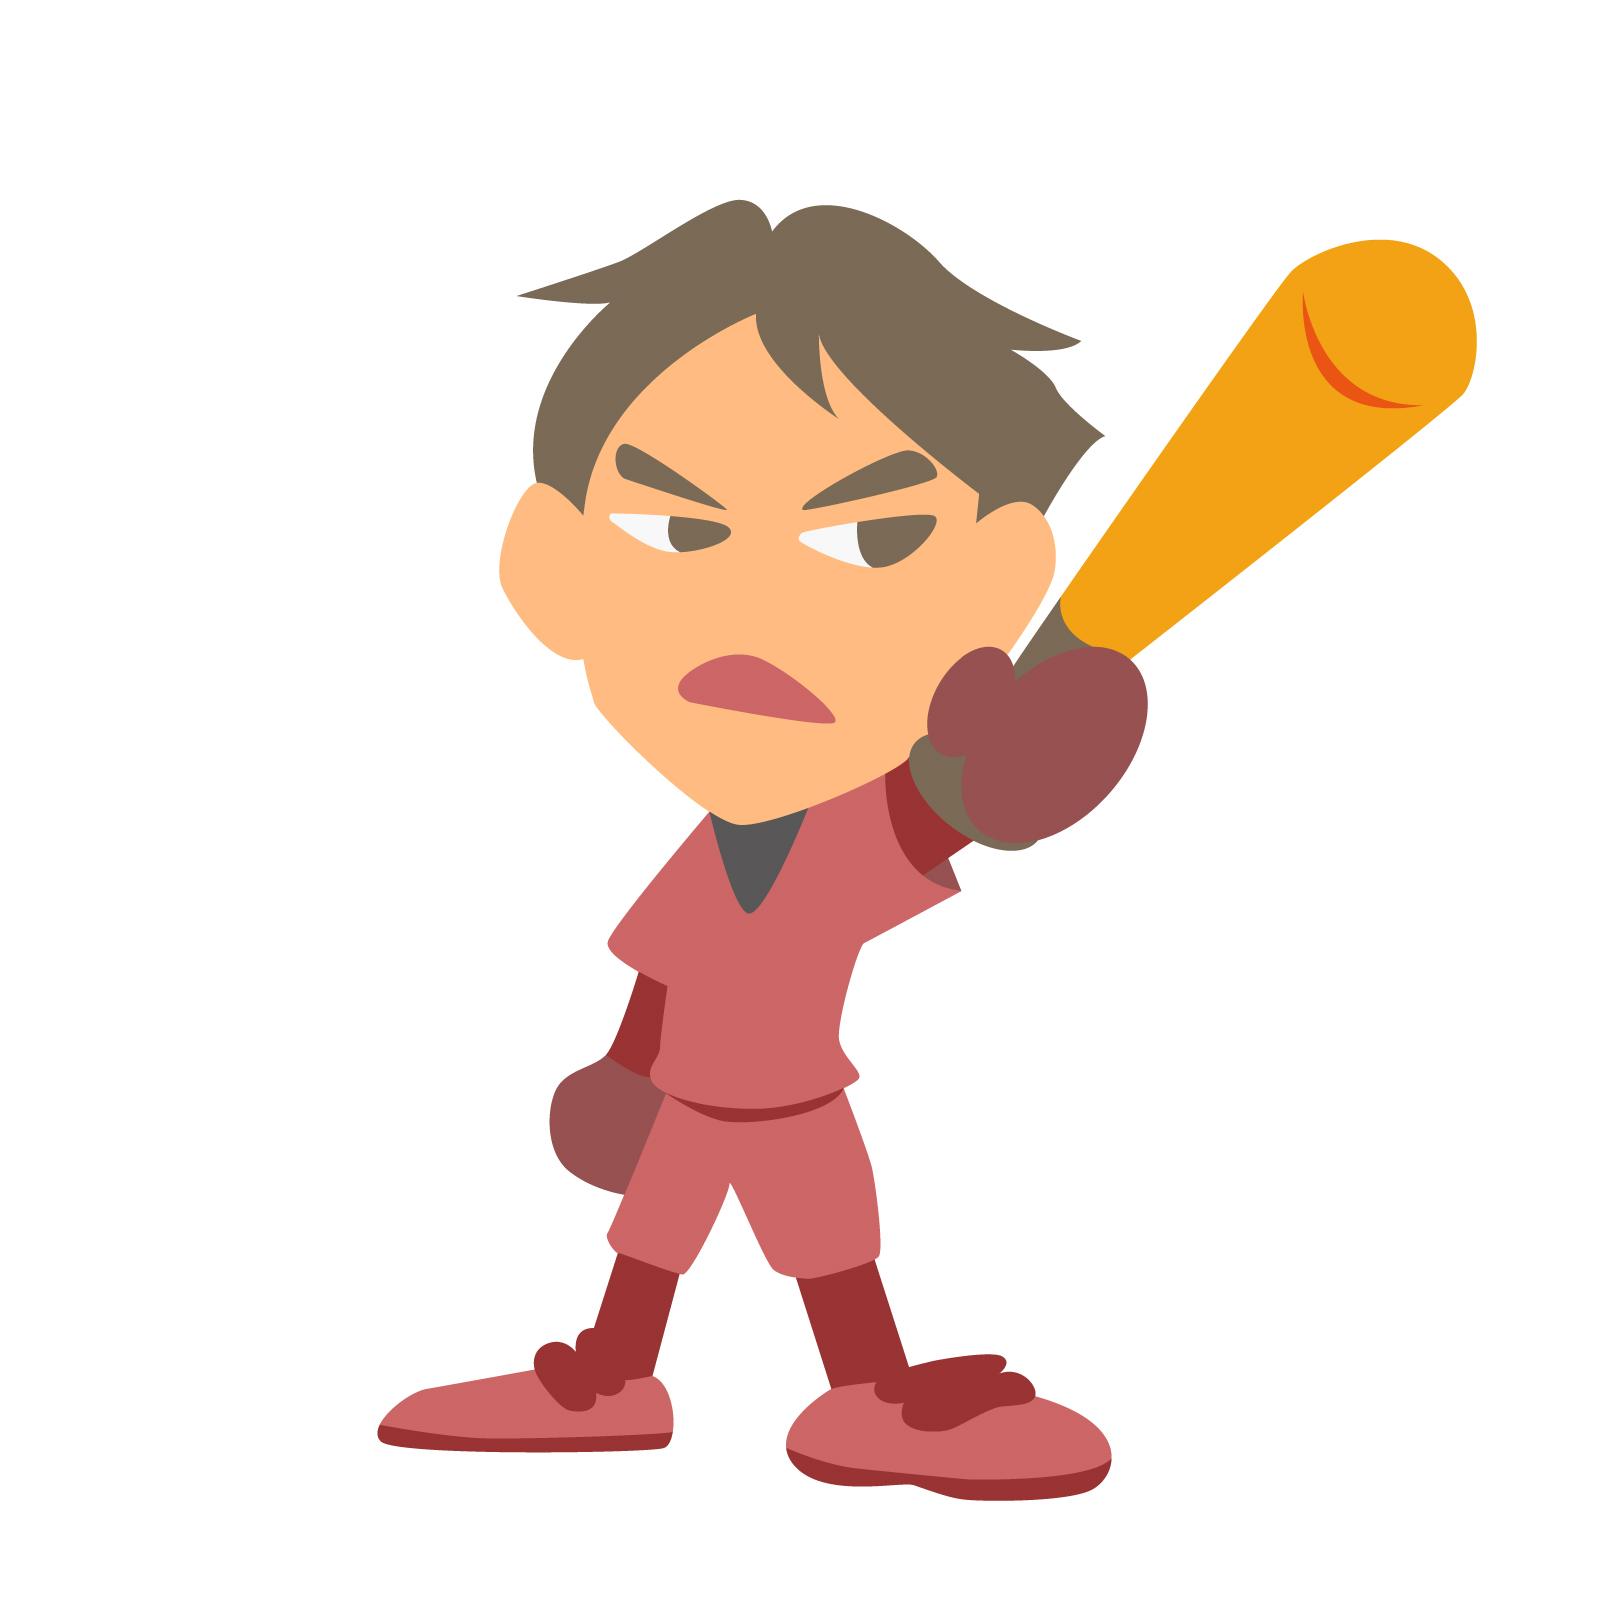 プロ野球通算10万号本塁打炸裂!歴史を綴った強打者の証に酔いしれる